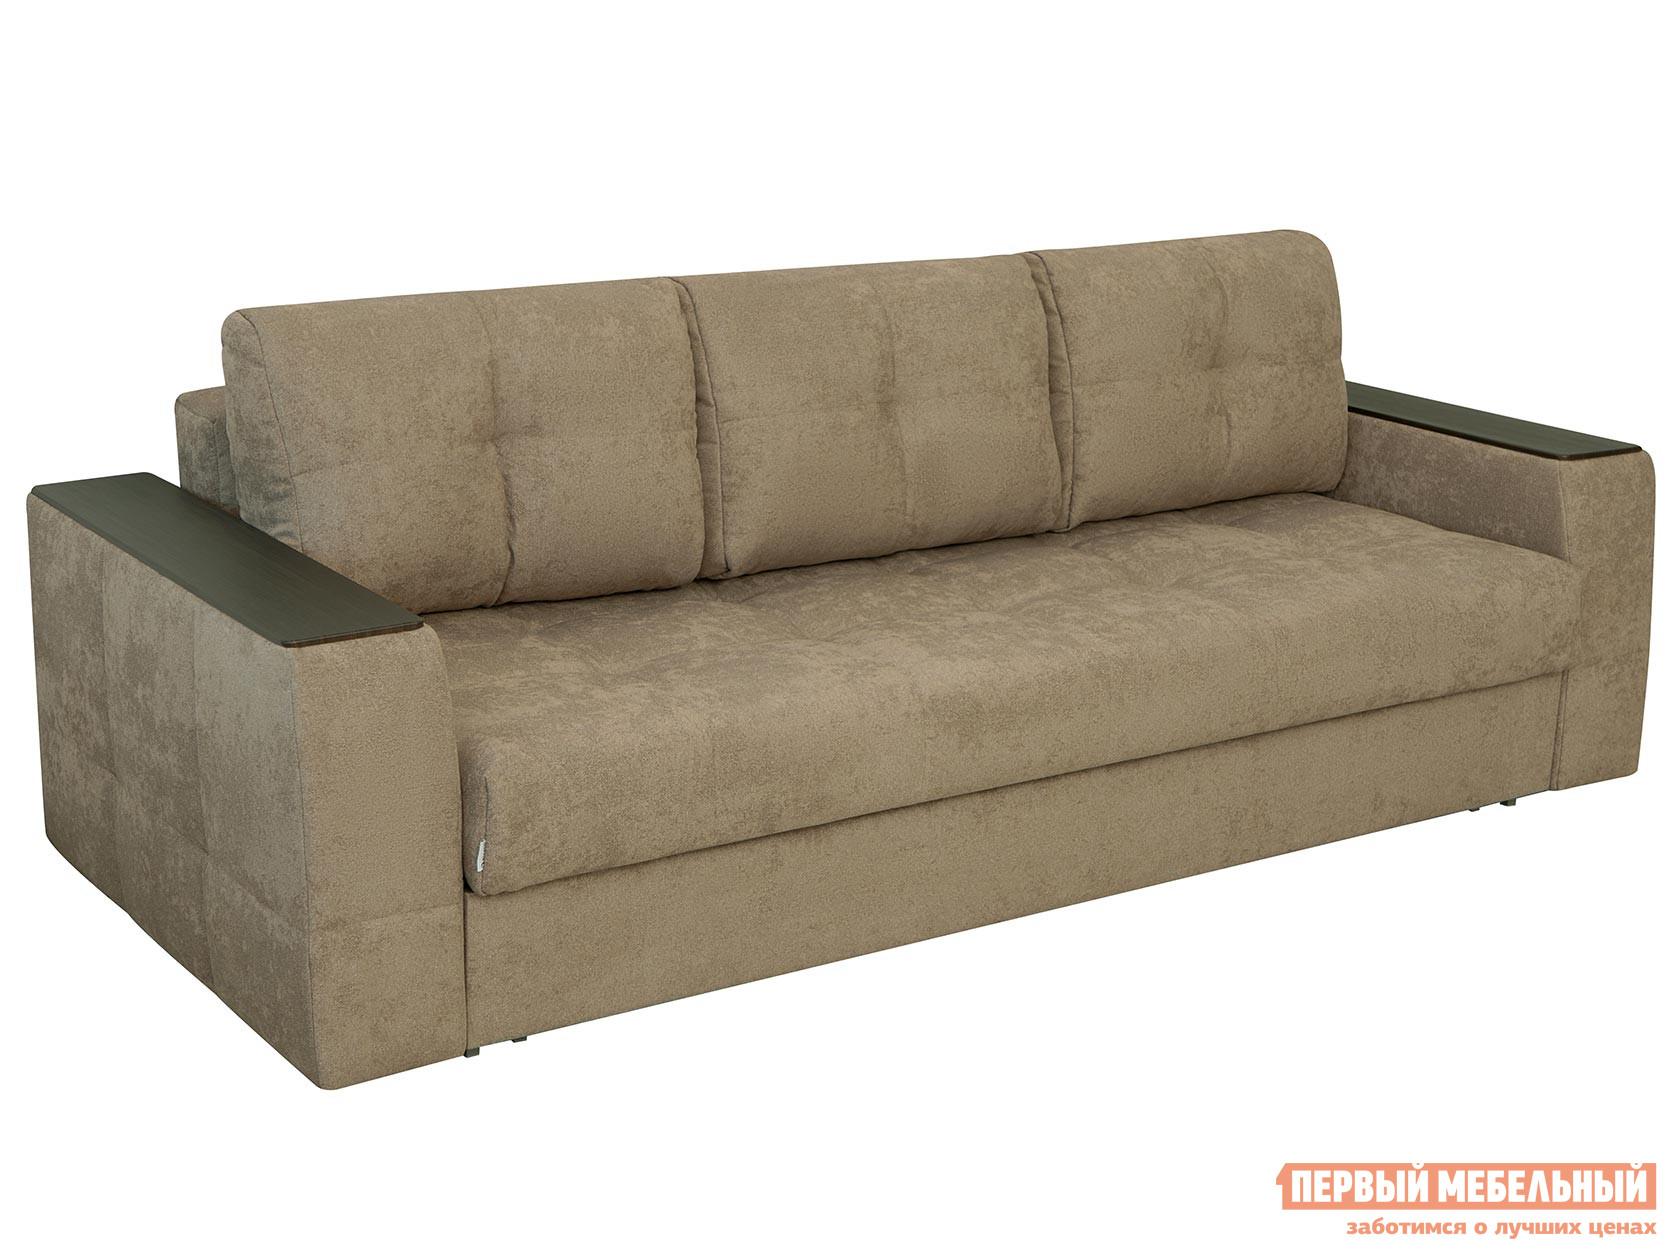 Прямой диван Первый Мебельный Сиэтл 1 Люкс